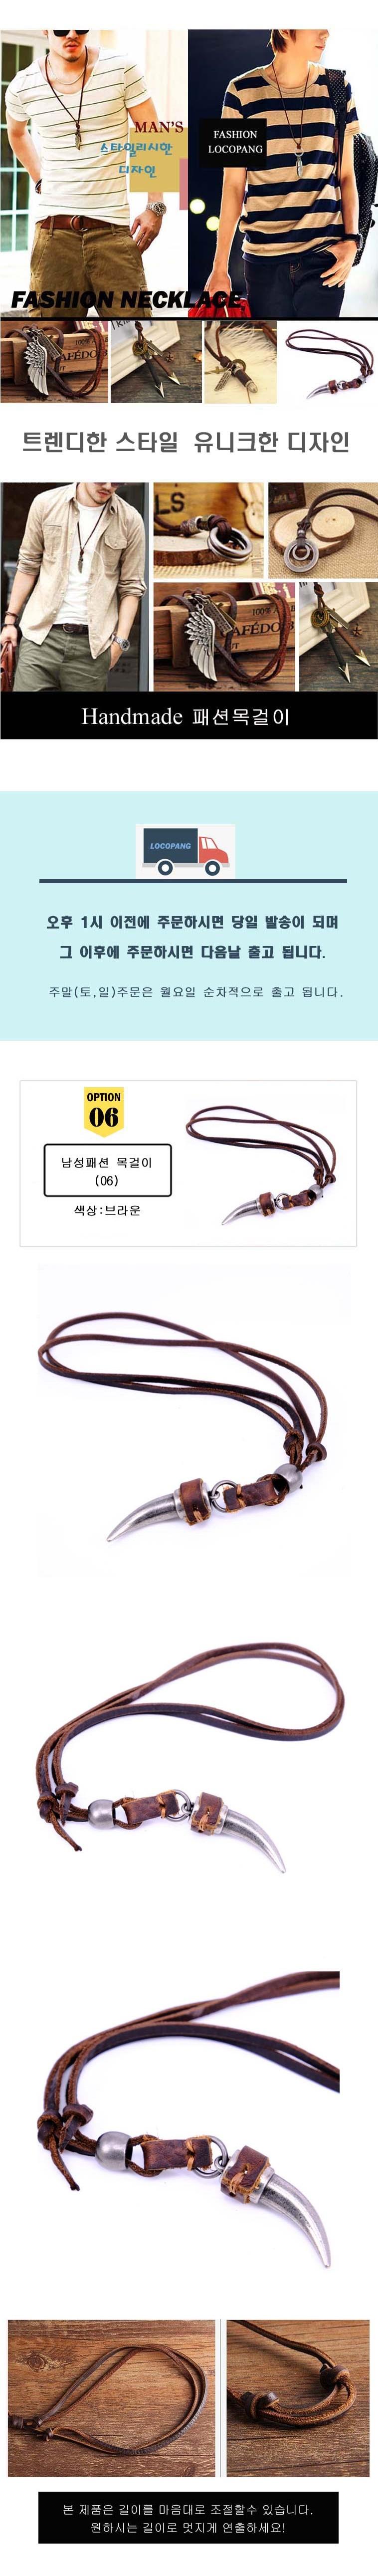 남성패션 목걸이 (6) - 로꼬팡, 8,900원, 패션, 패션목걸이